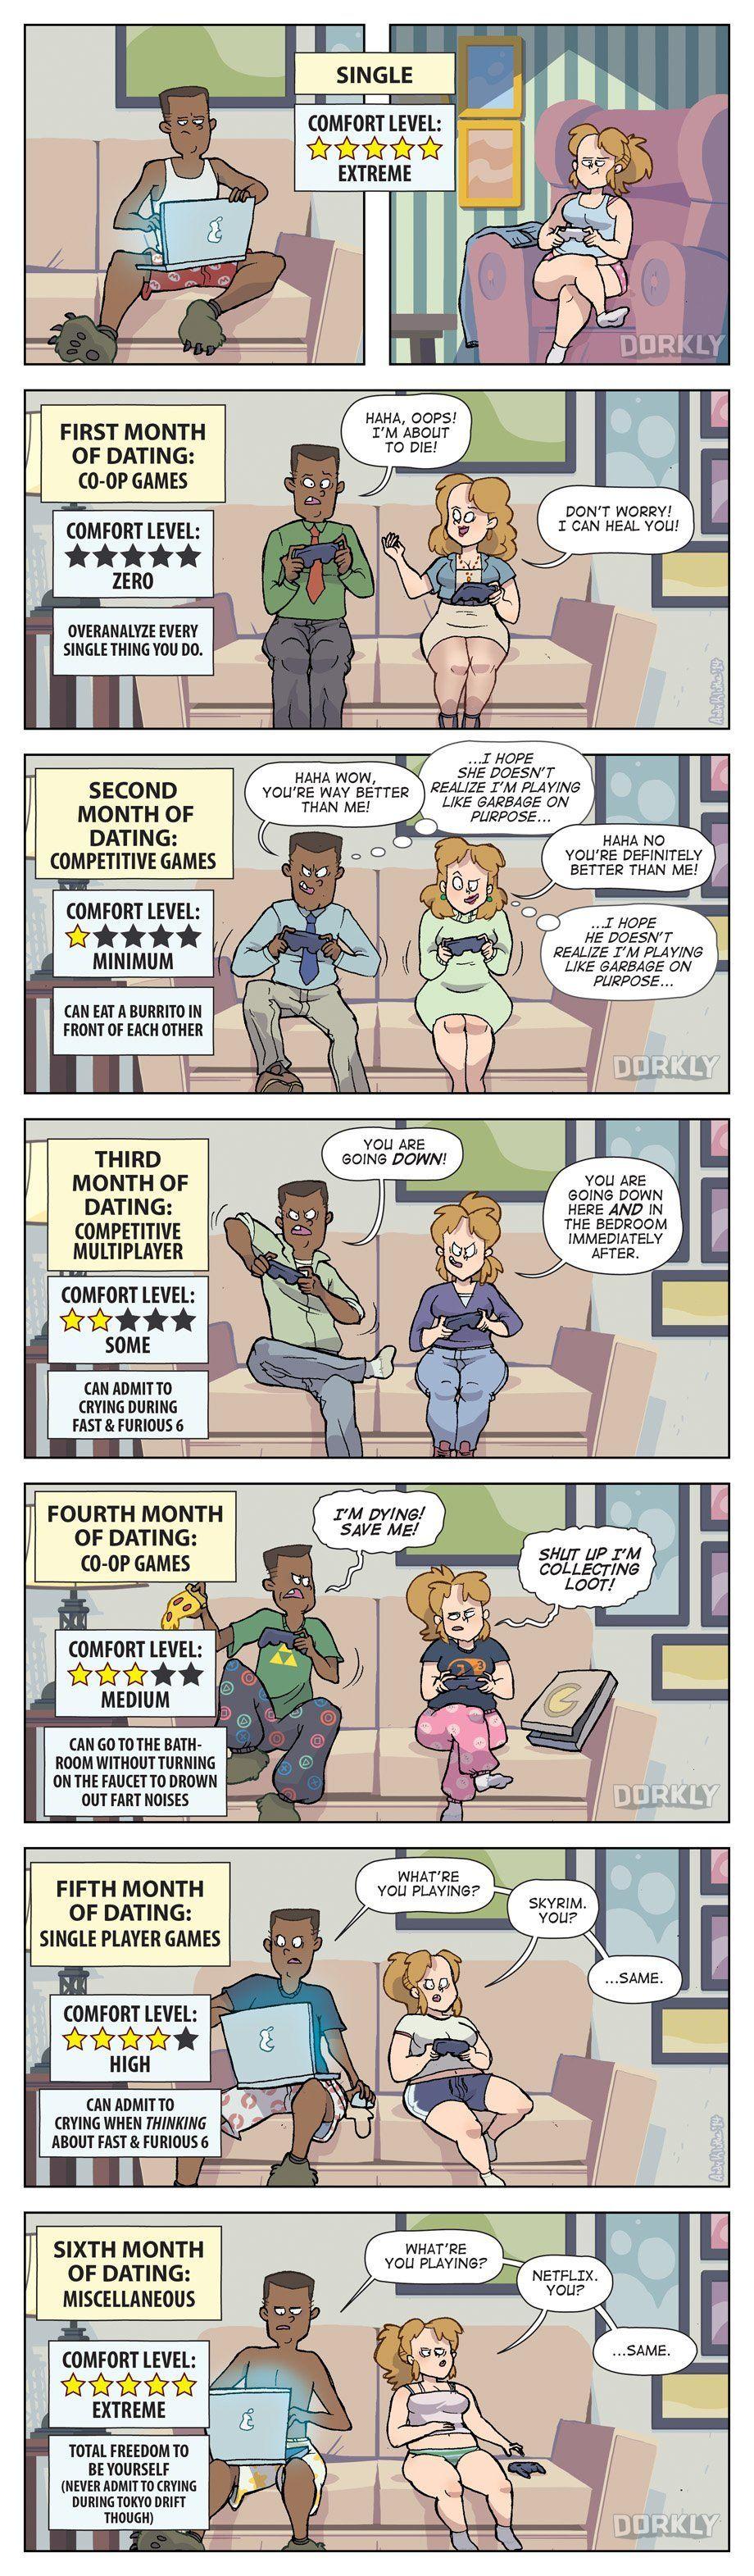 dating progression timeline